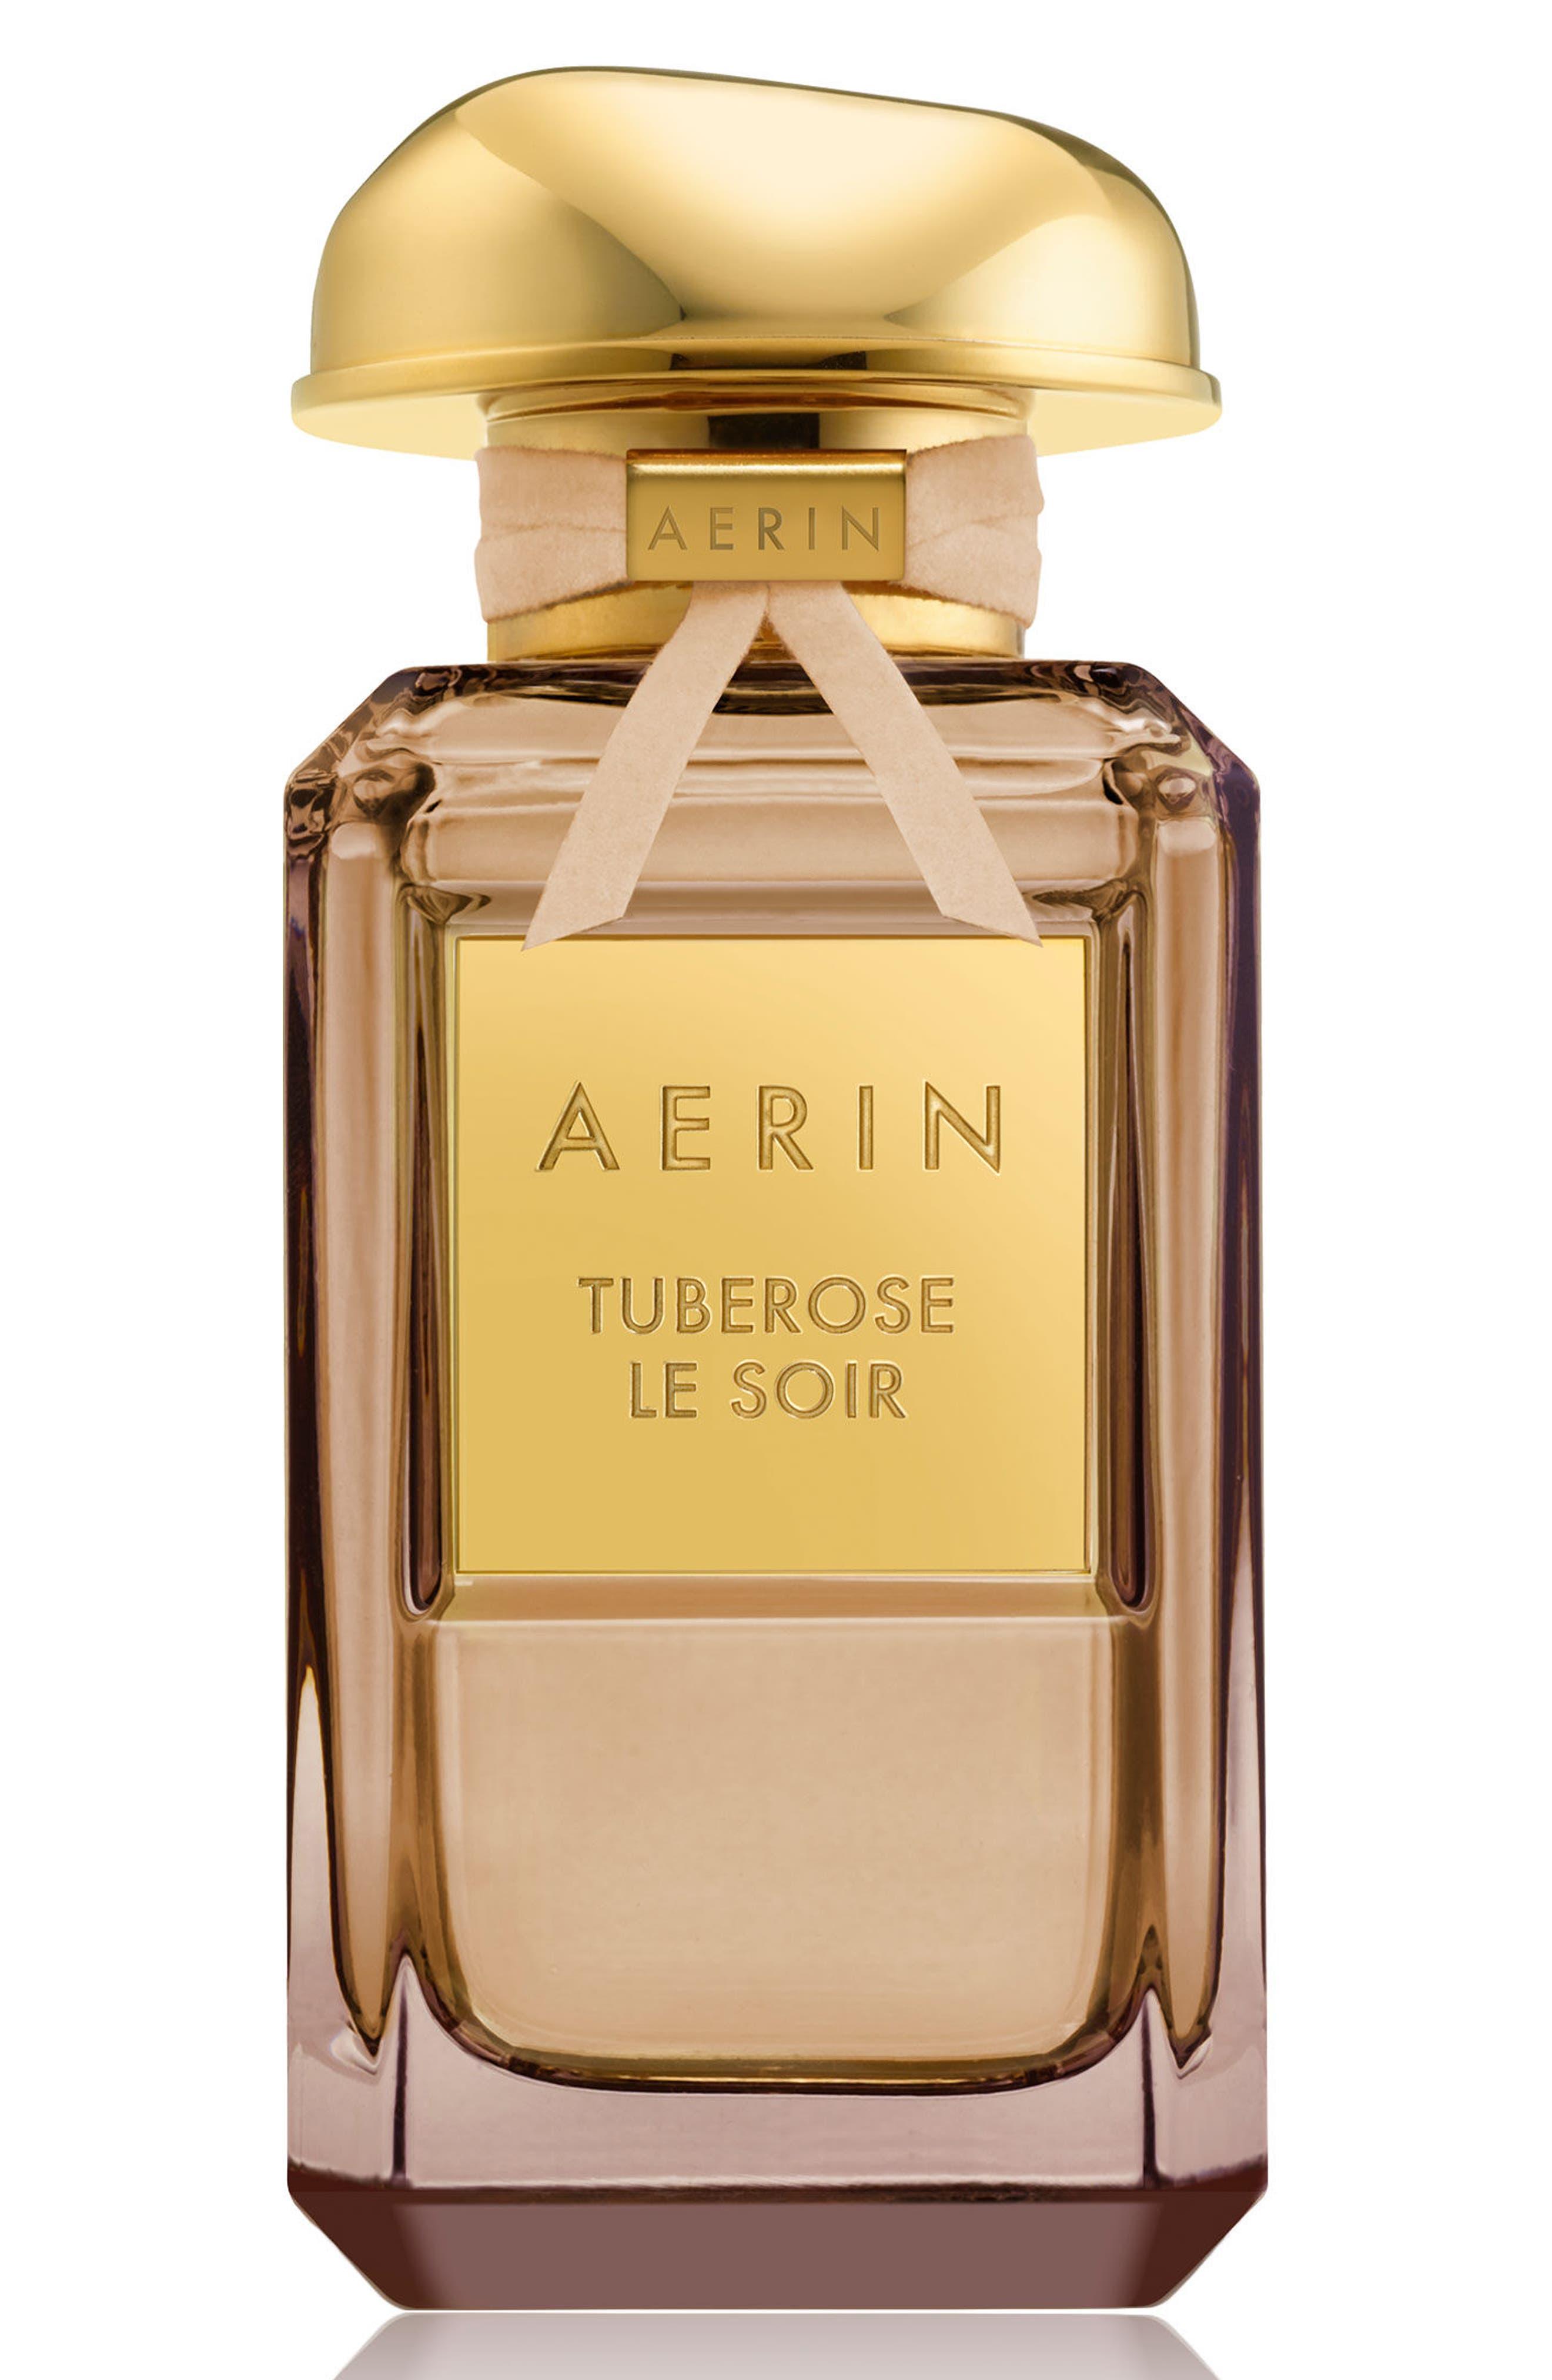 AERIN Beauty Tuberose Le Soir Eau de Parfum